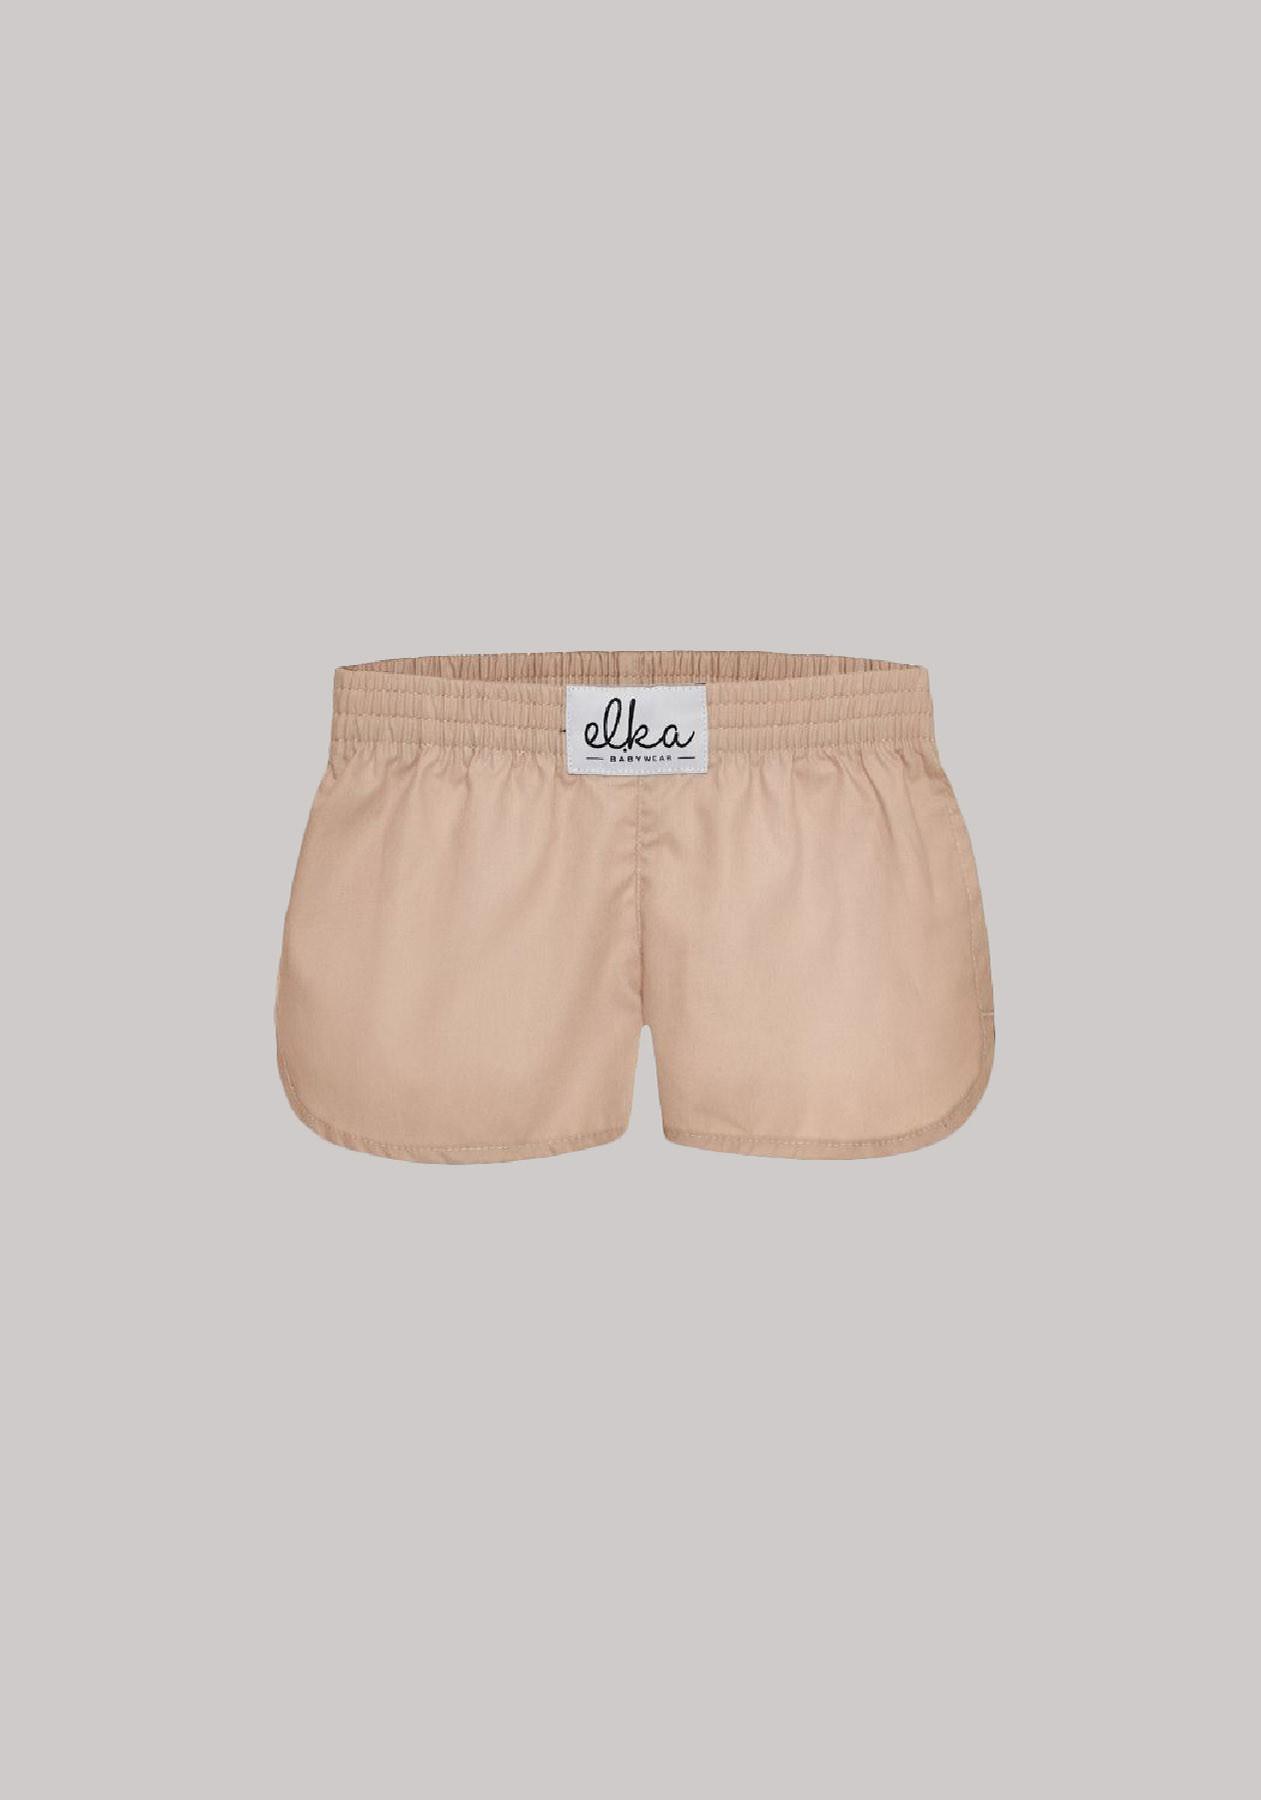 Kids-boxershorts-ELKA-Lounge-K00007